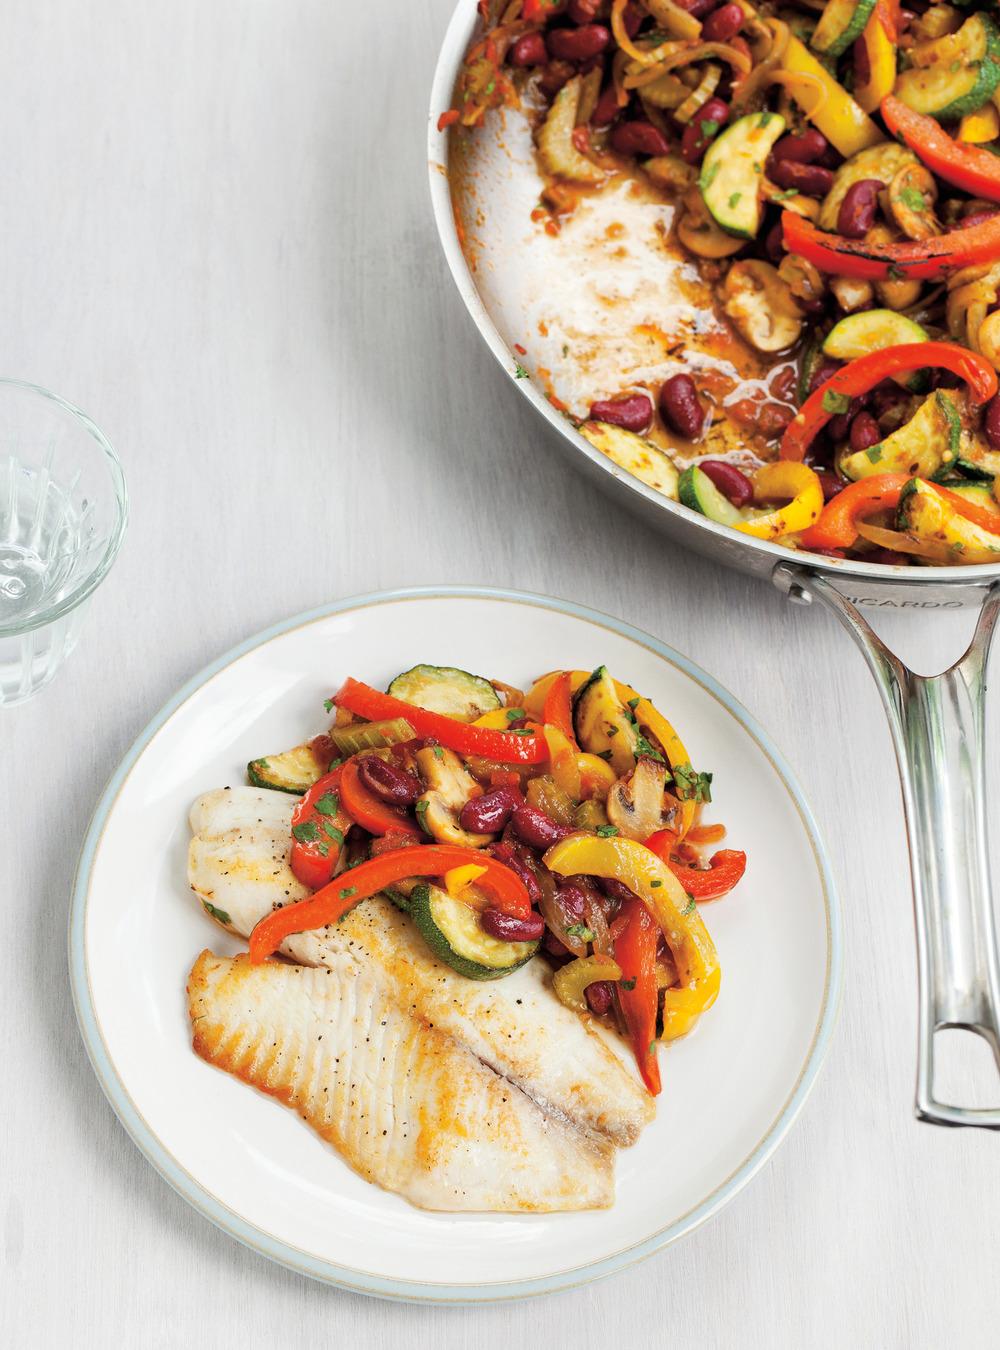 Tilapia et sauté de légumes | ricardo